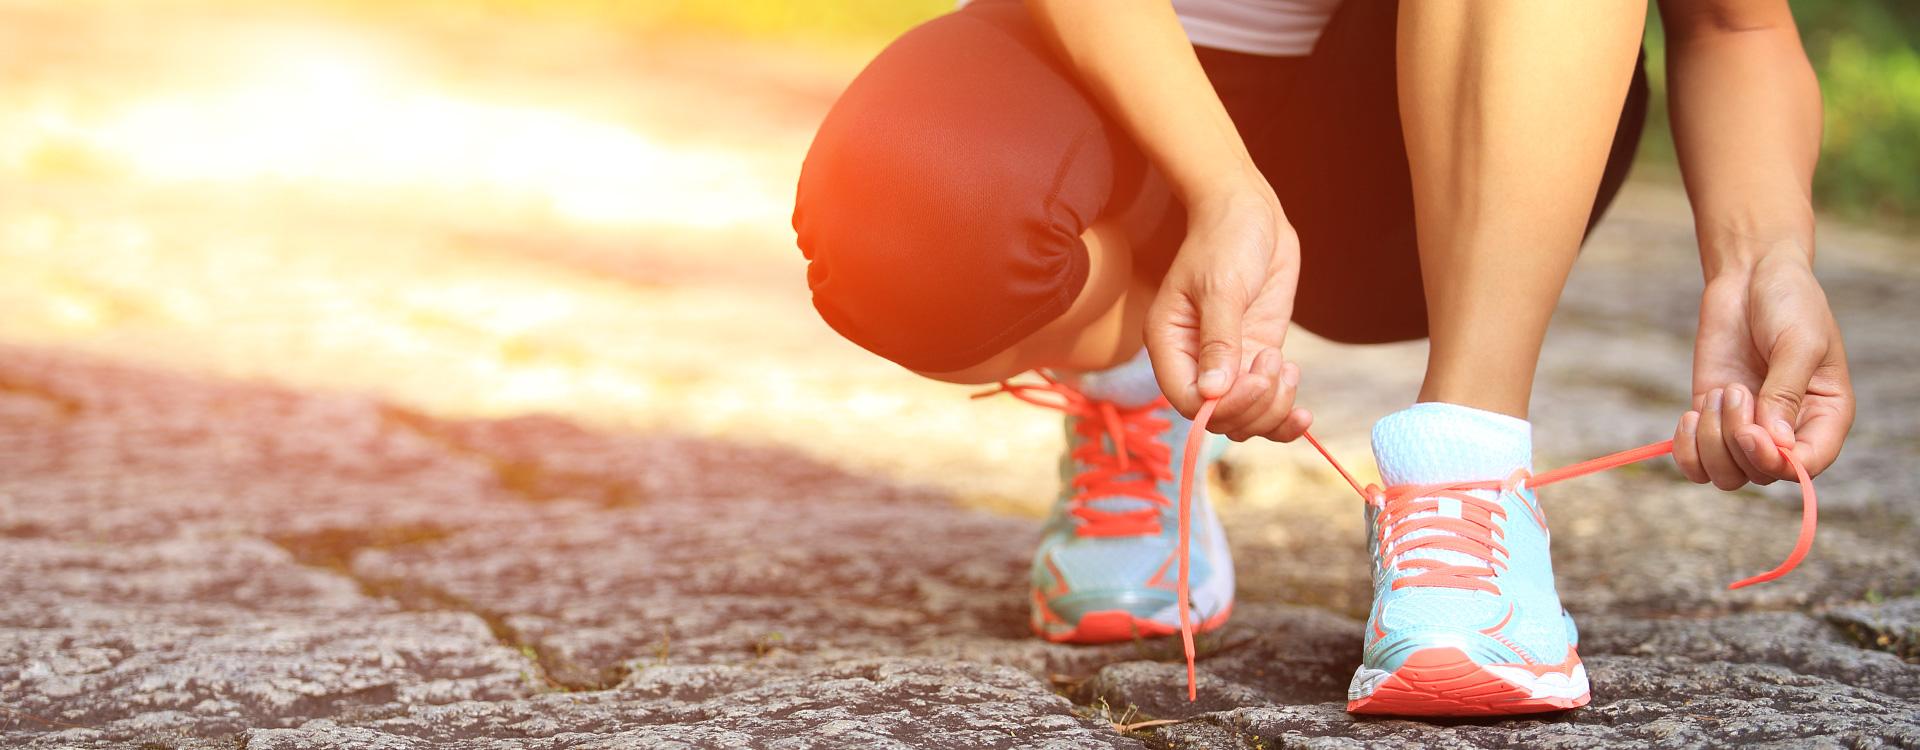 Weibliche Person schnürt Laufschuhe | Tigerbalm